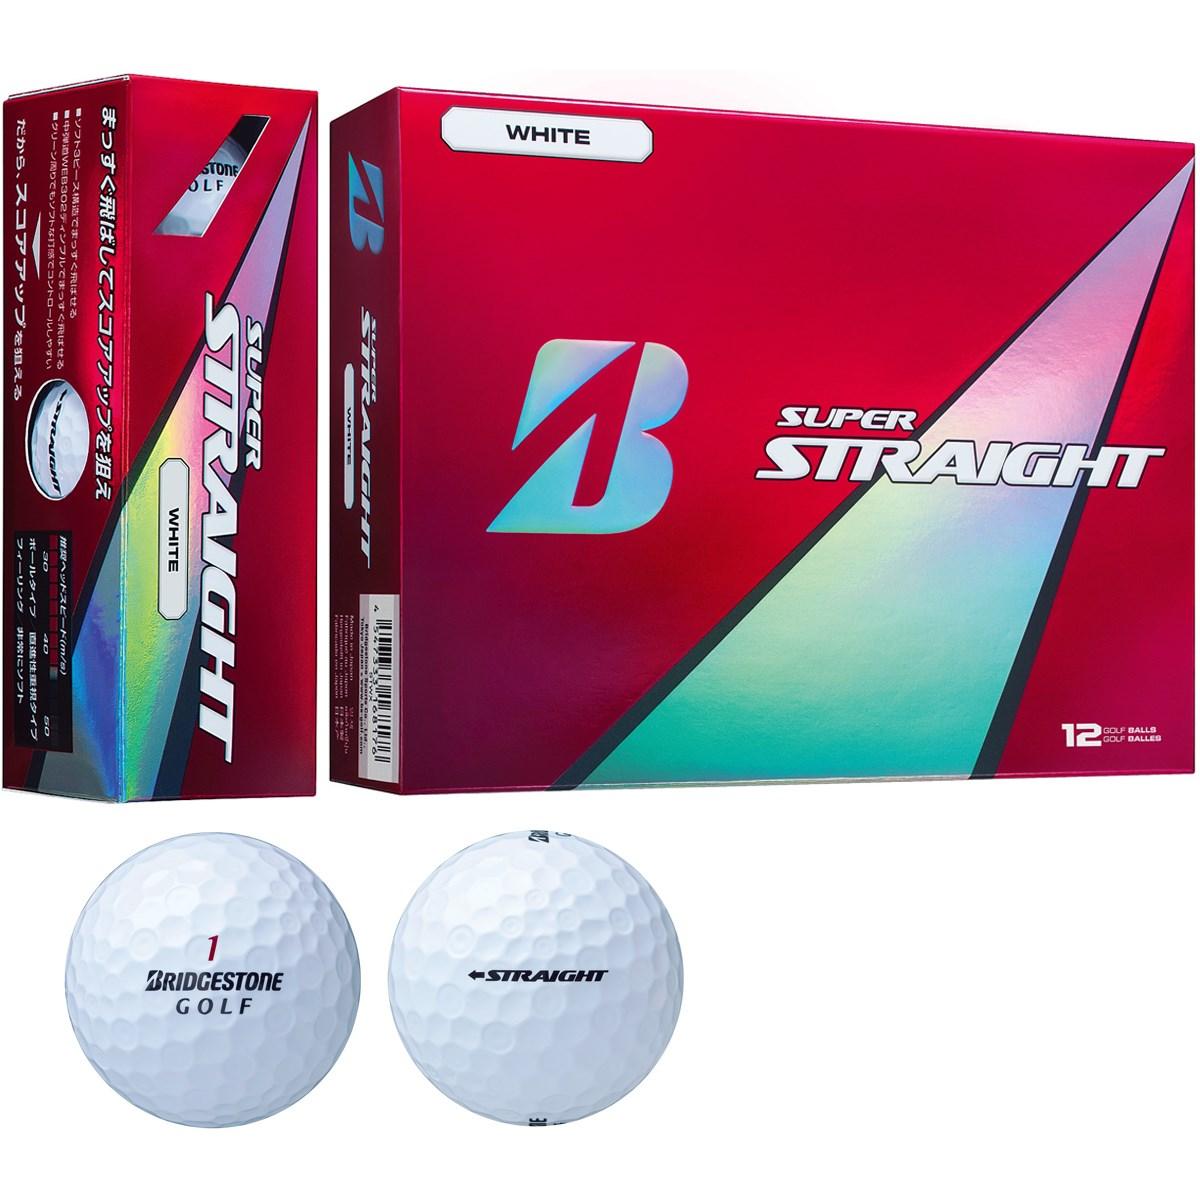 スーパーストレート ボール ブリヂストン super straight gdoゴルフショップ